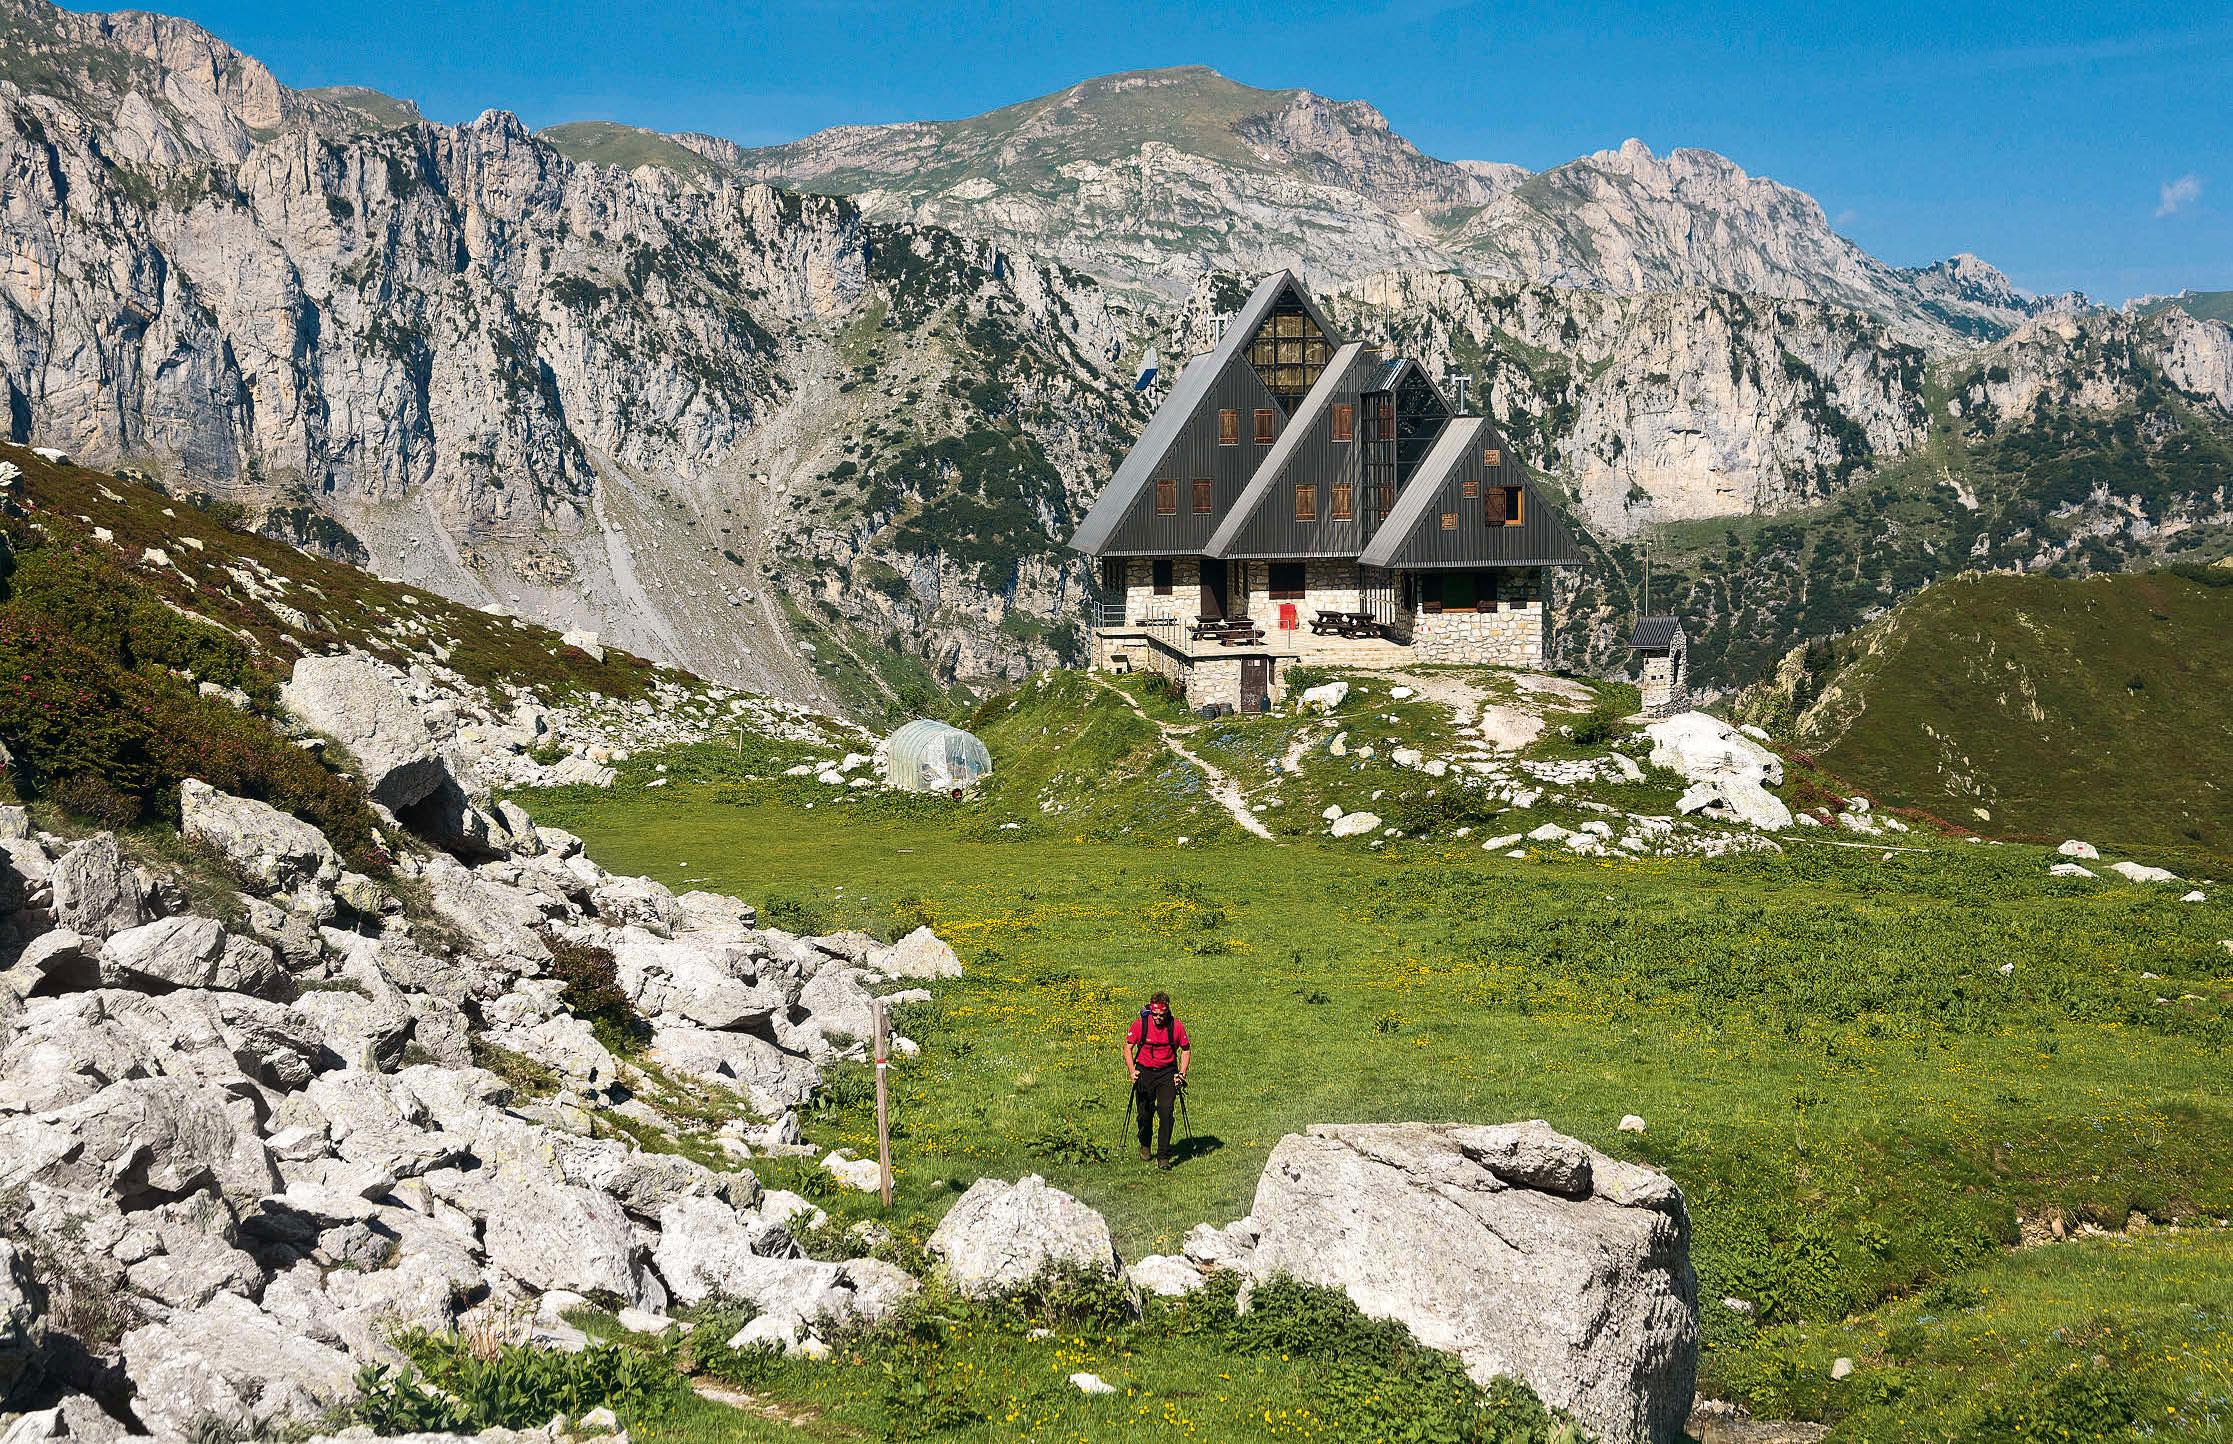 Das Rifugio Garelli setzt auf Strom aus Wasserkraft . Damit wird auch das kleine Gewächshaus links der Hütt e beheizt.